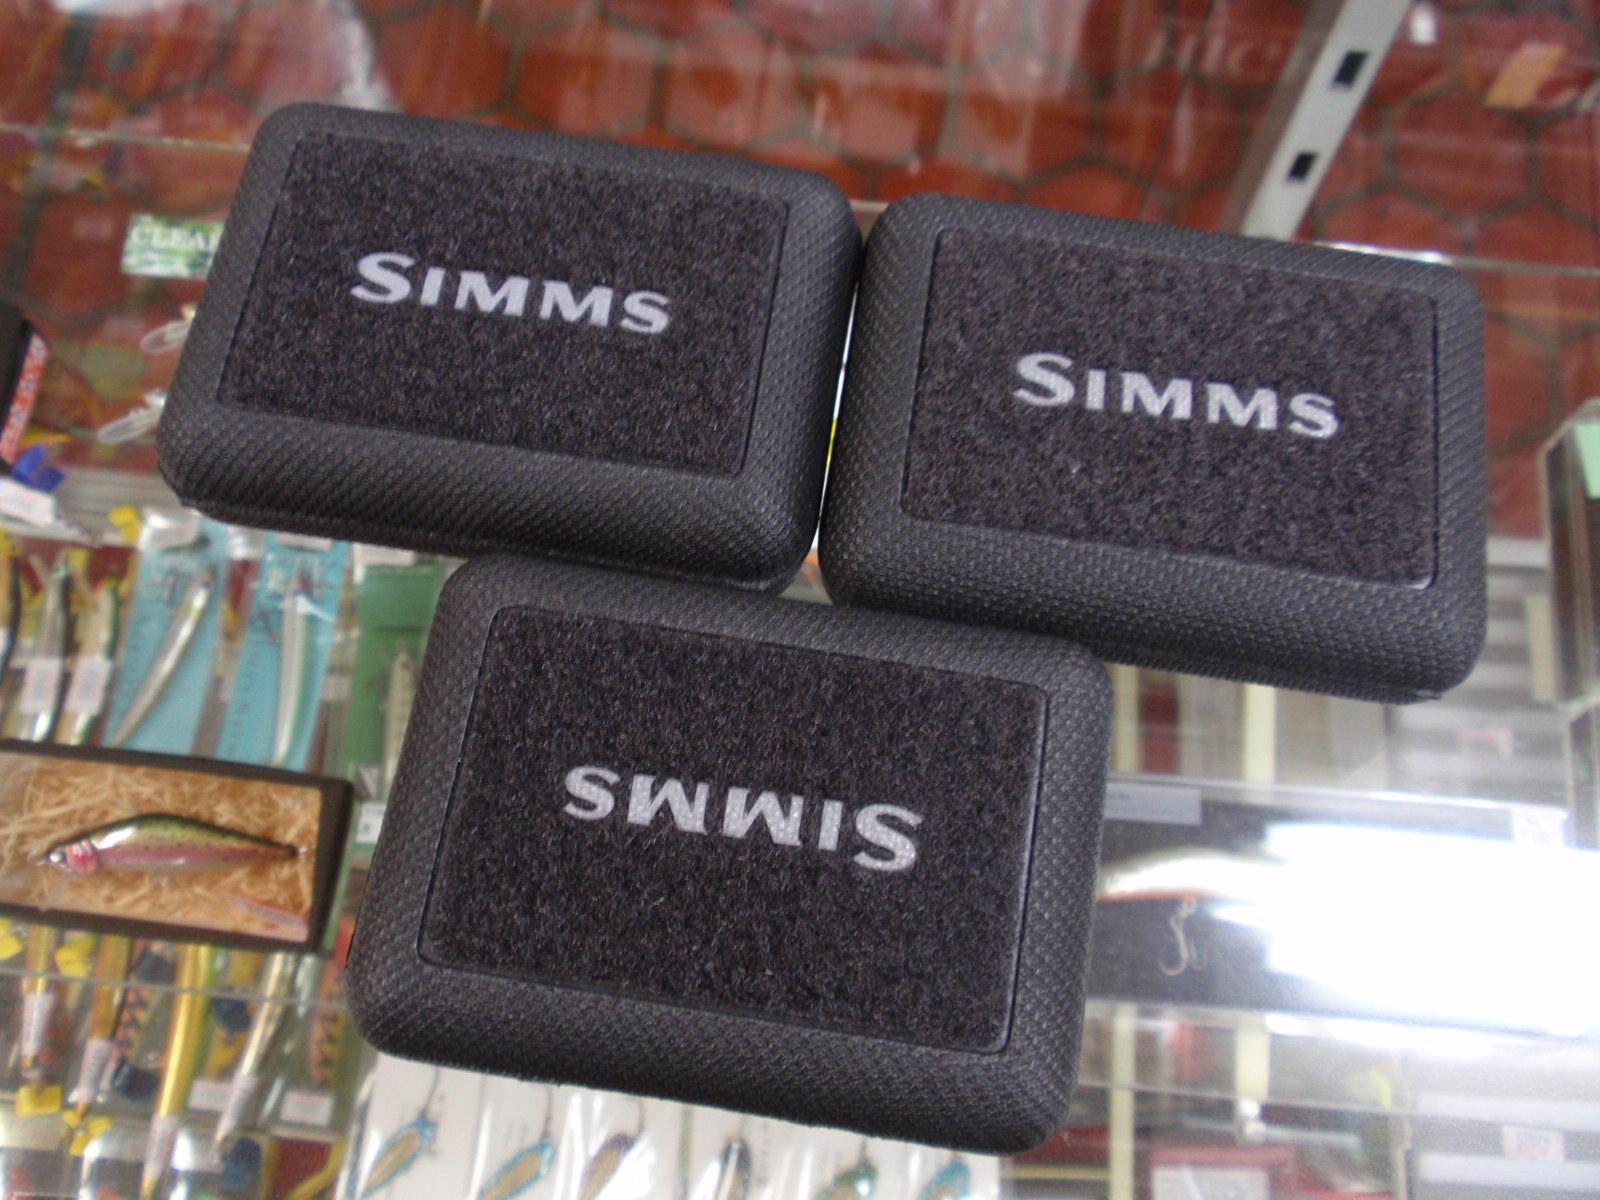 ・SIMMS_a0165135_20394512.jpg